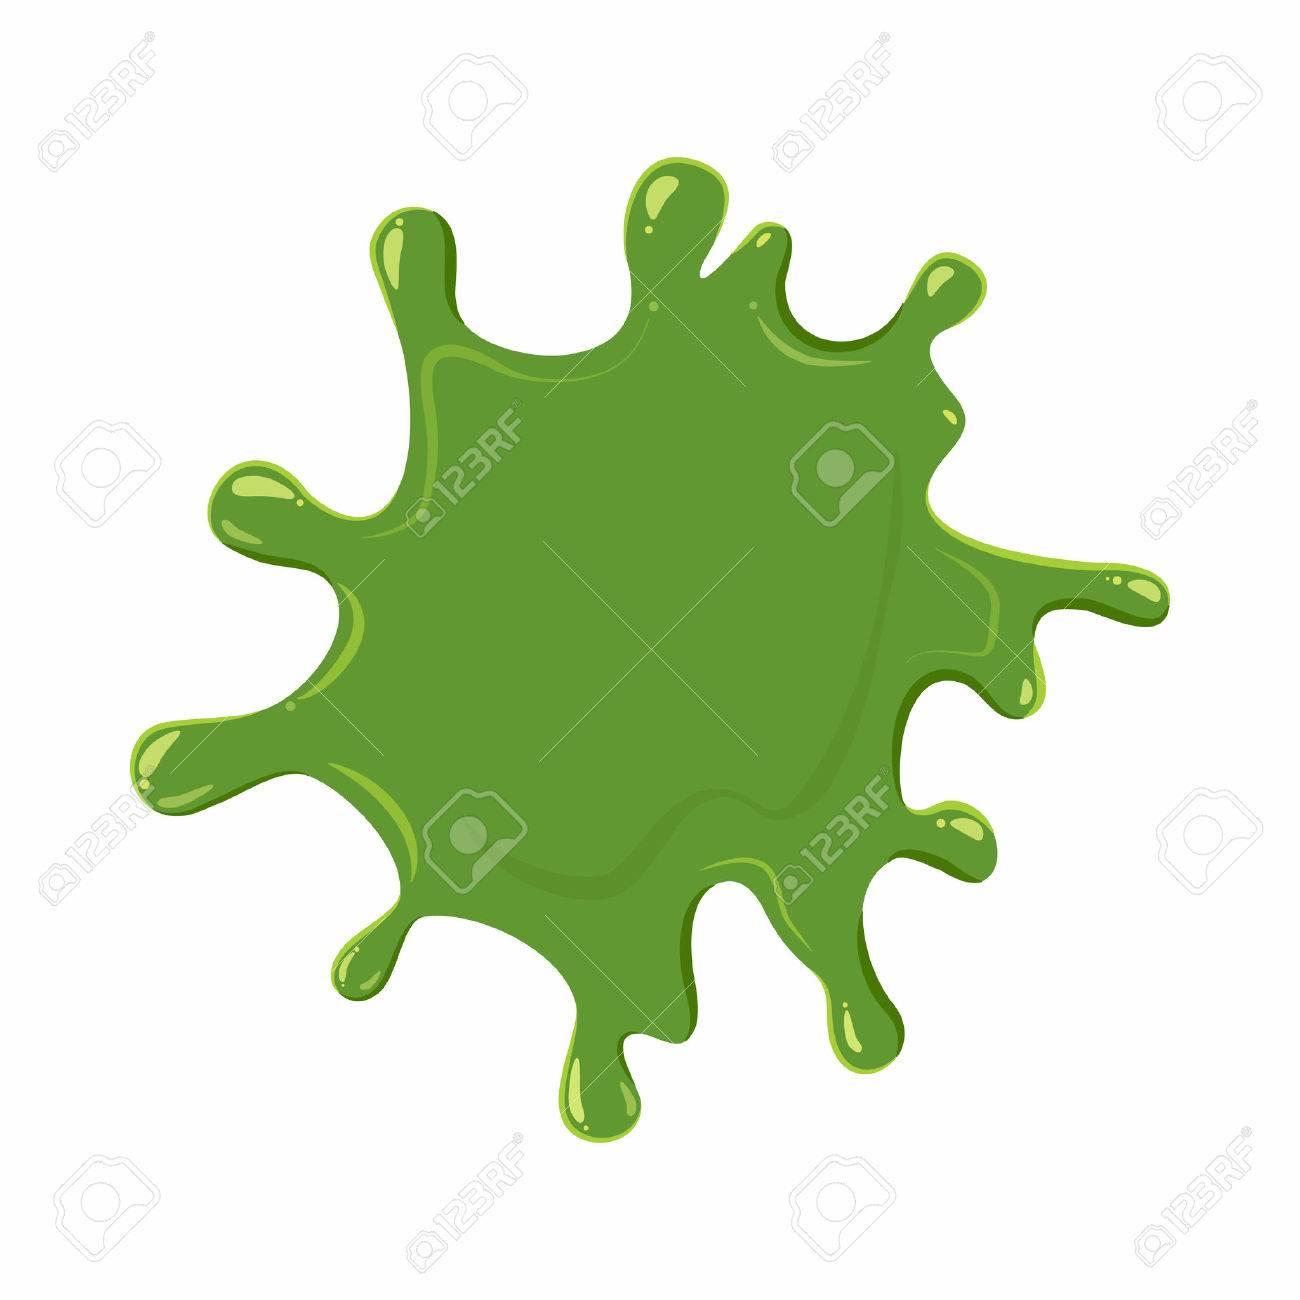 Slime blot isolated on white background. Green slime blot vector illustration - 61448586